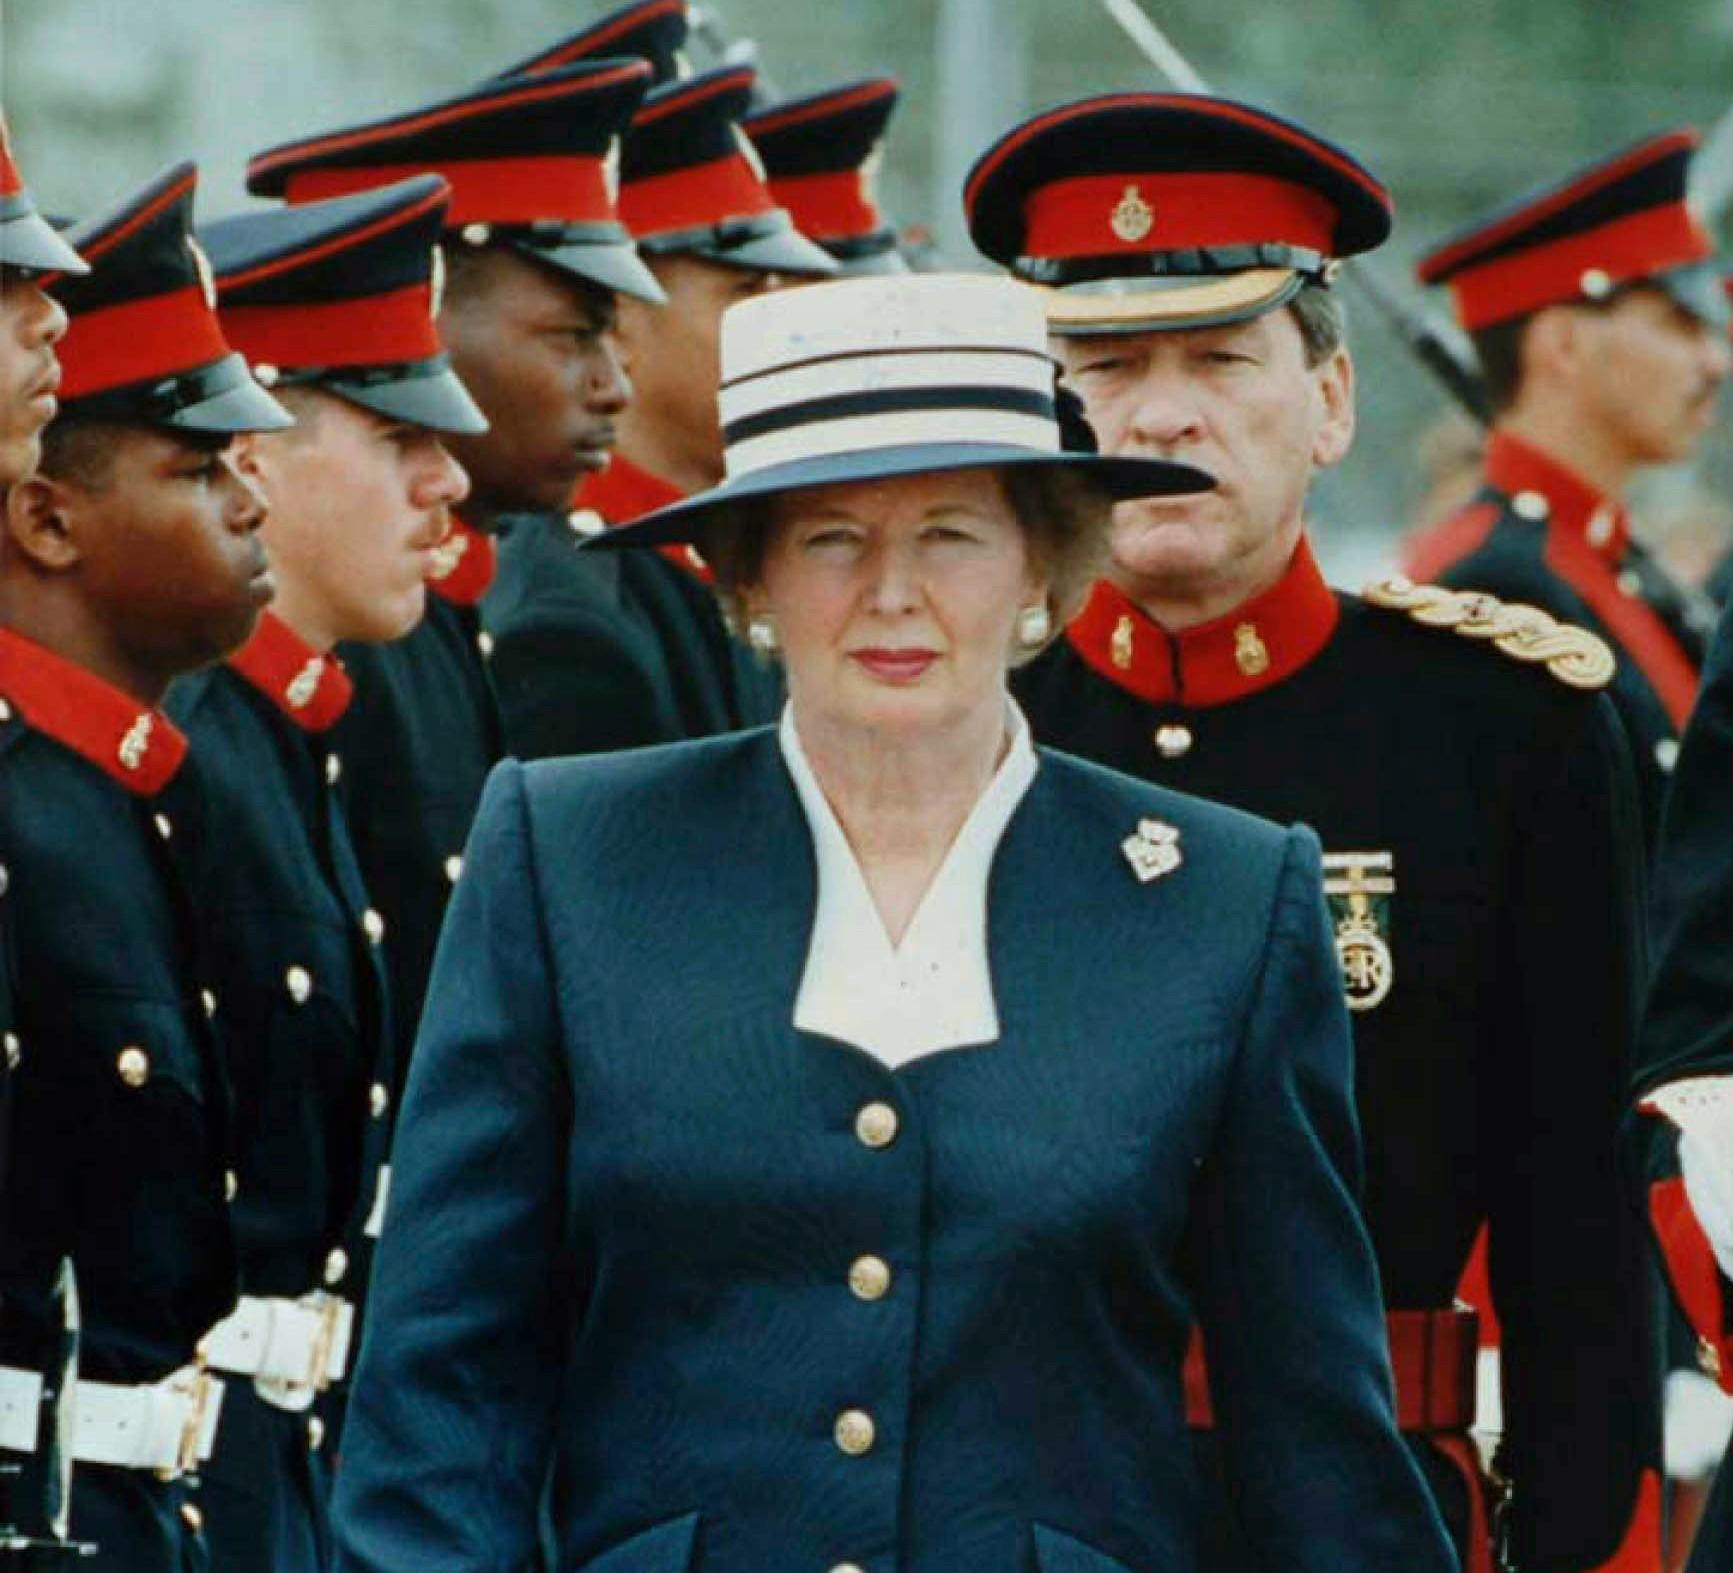 For en uge siden døde Margaret Thatcher. På onsdag lægges hun i graven. Men arven efter Thatcher er langt fra død og begravet. Thatcherismens stramme konservatisme slog igennem som en af de allervigtigste ideologiske strømninger i d. 20. århundrede - så vigtig at nutidens politiske spil stadig spilles på det bræt, som thatcherismen optegnede.